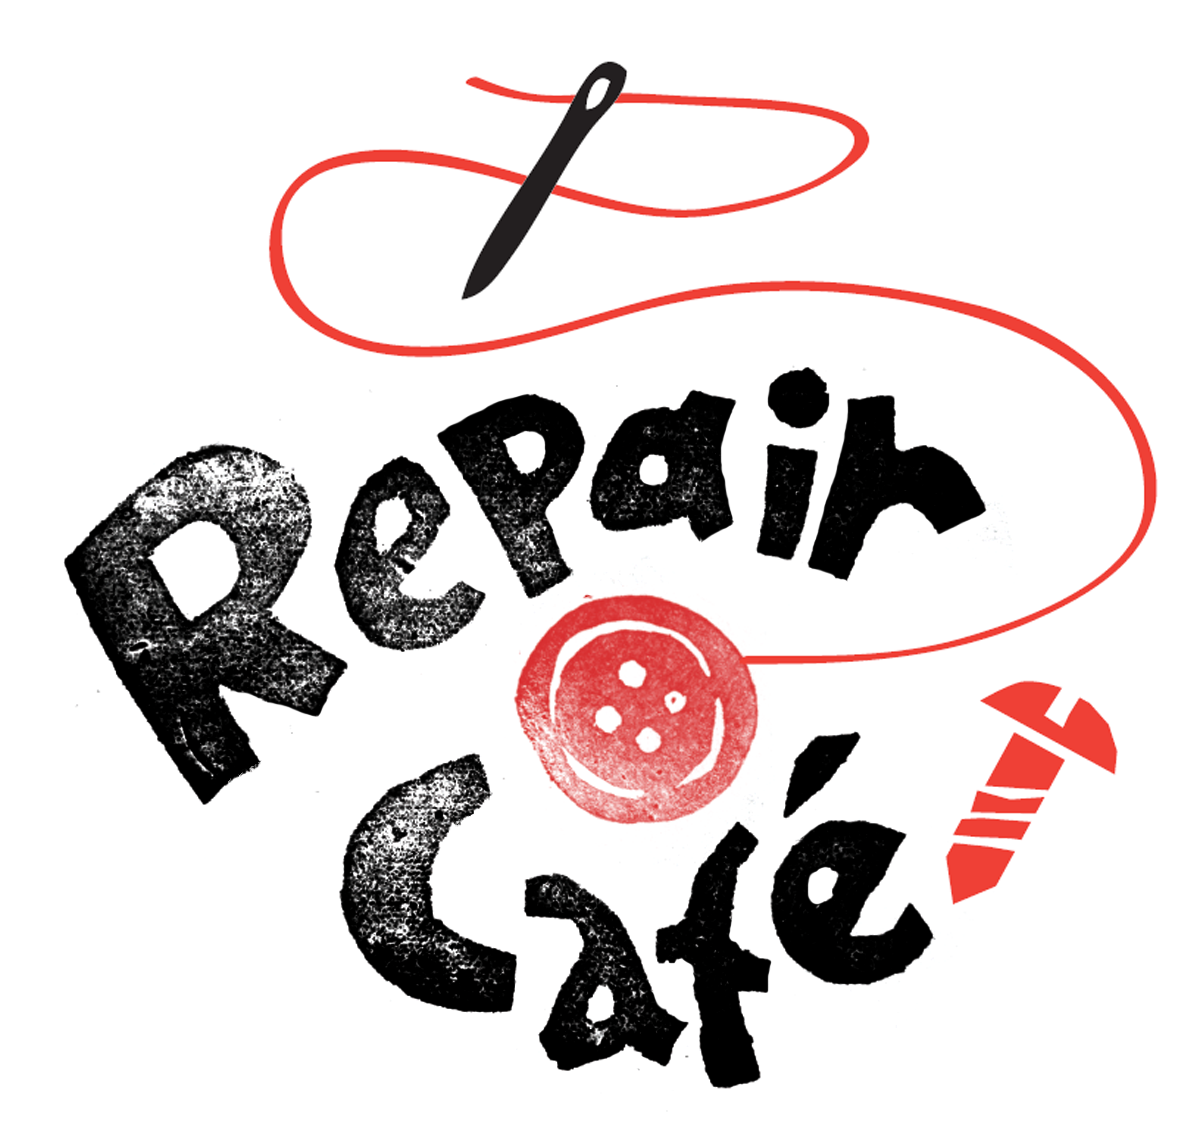 RepairCafeLogo_(1).png